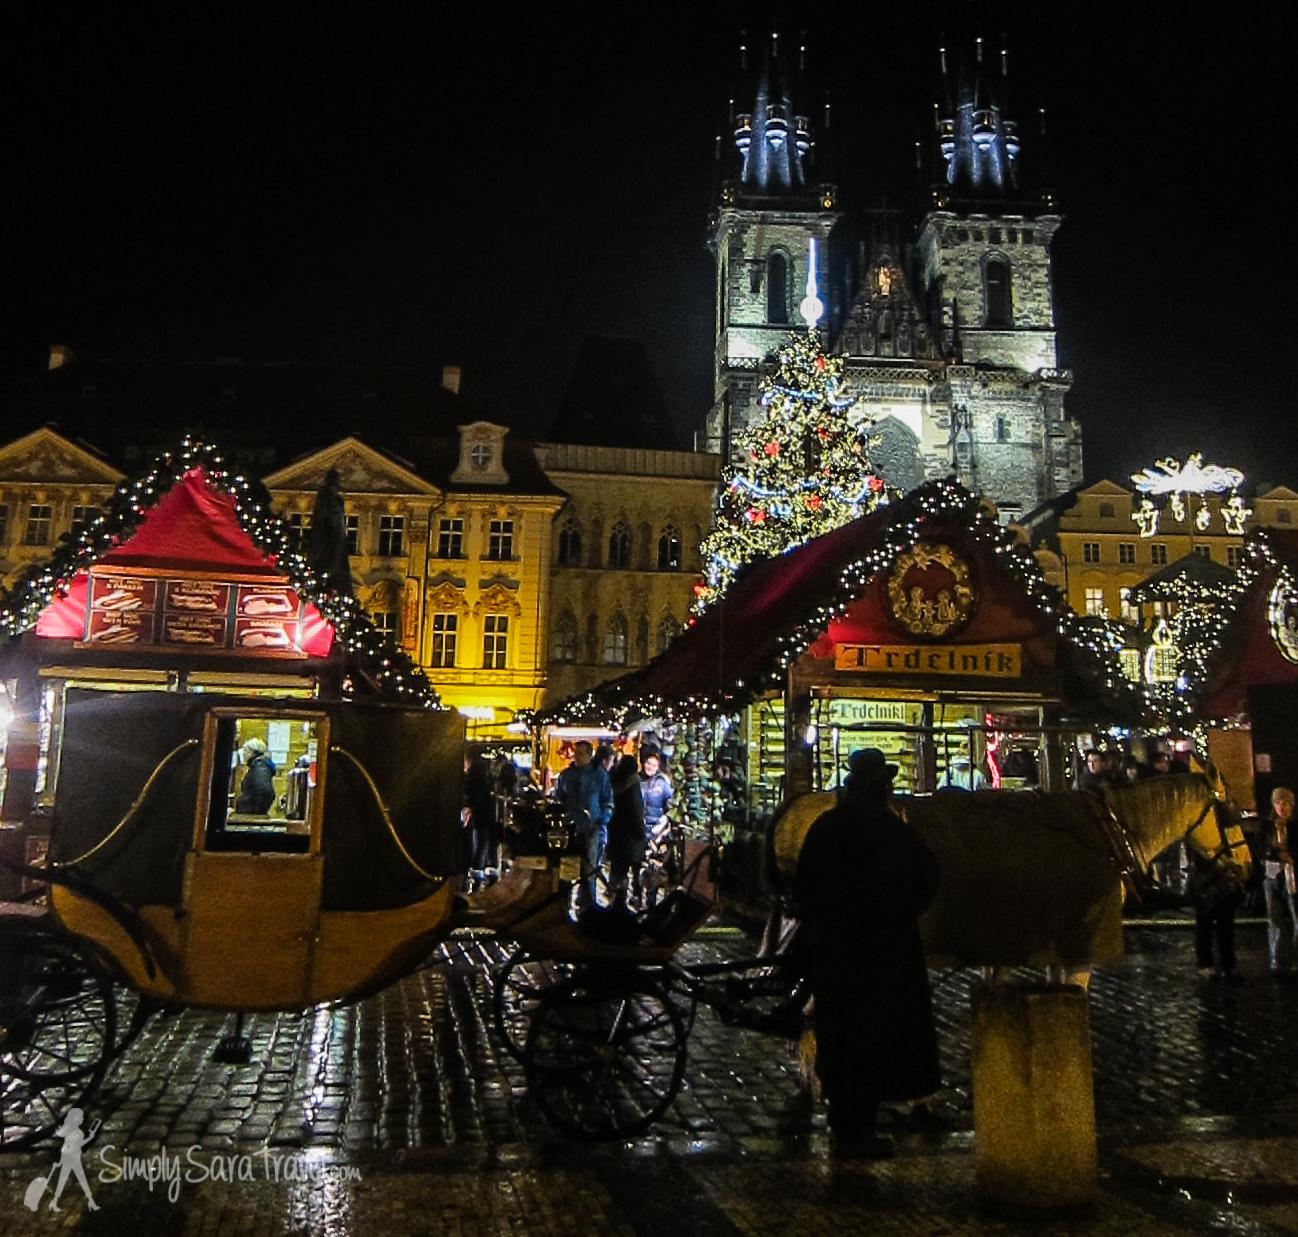 Old Town Square (Staroměstské náměstí) inPrague, Czech Republic